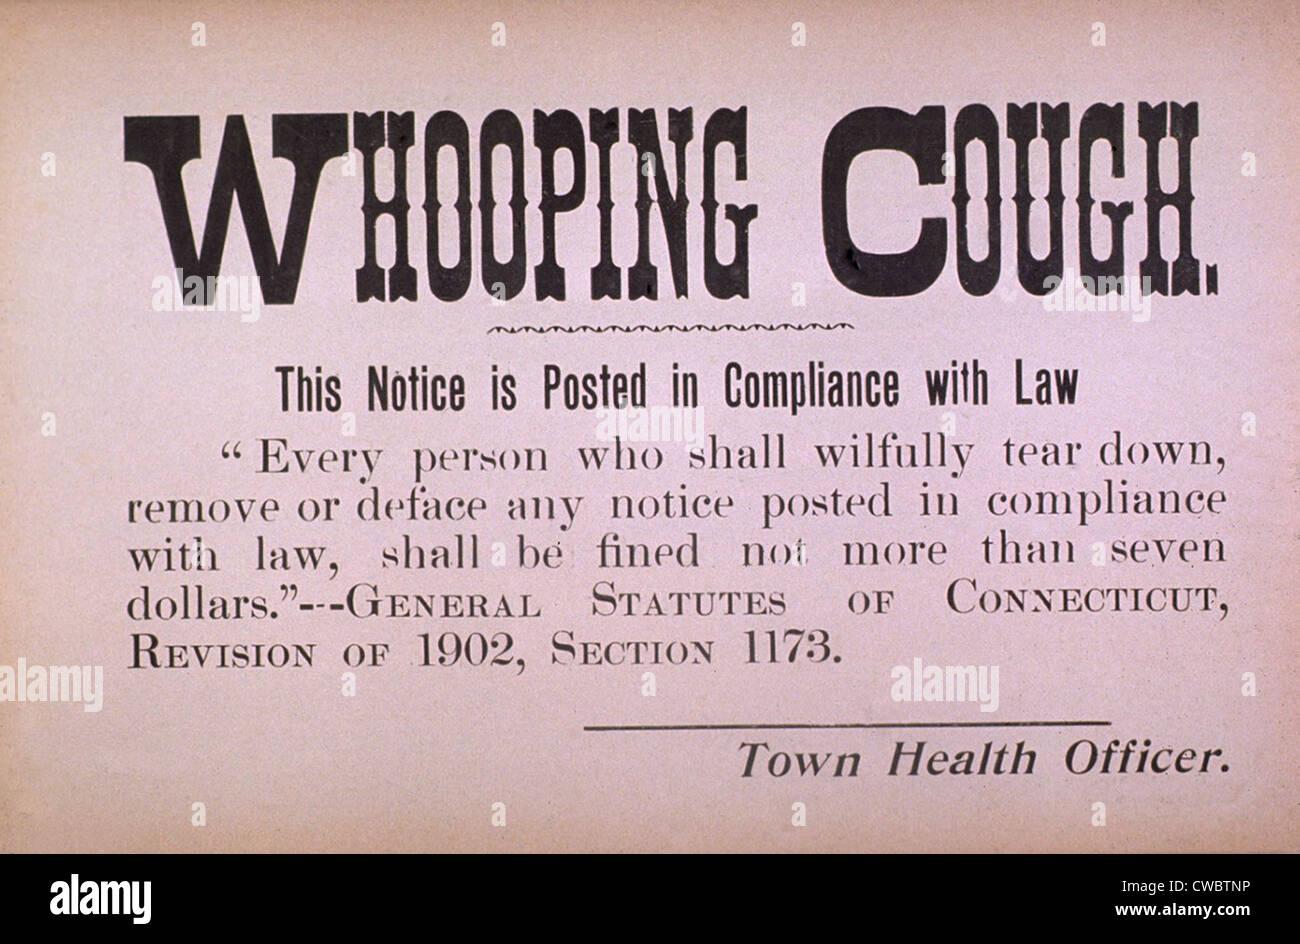 Nei primi anni del XX secolo segno di quarantena per la malattia contagiosa tosse convulsa. Immagini Stock